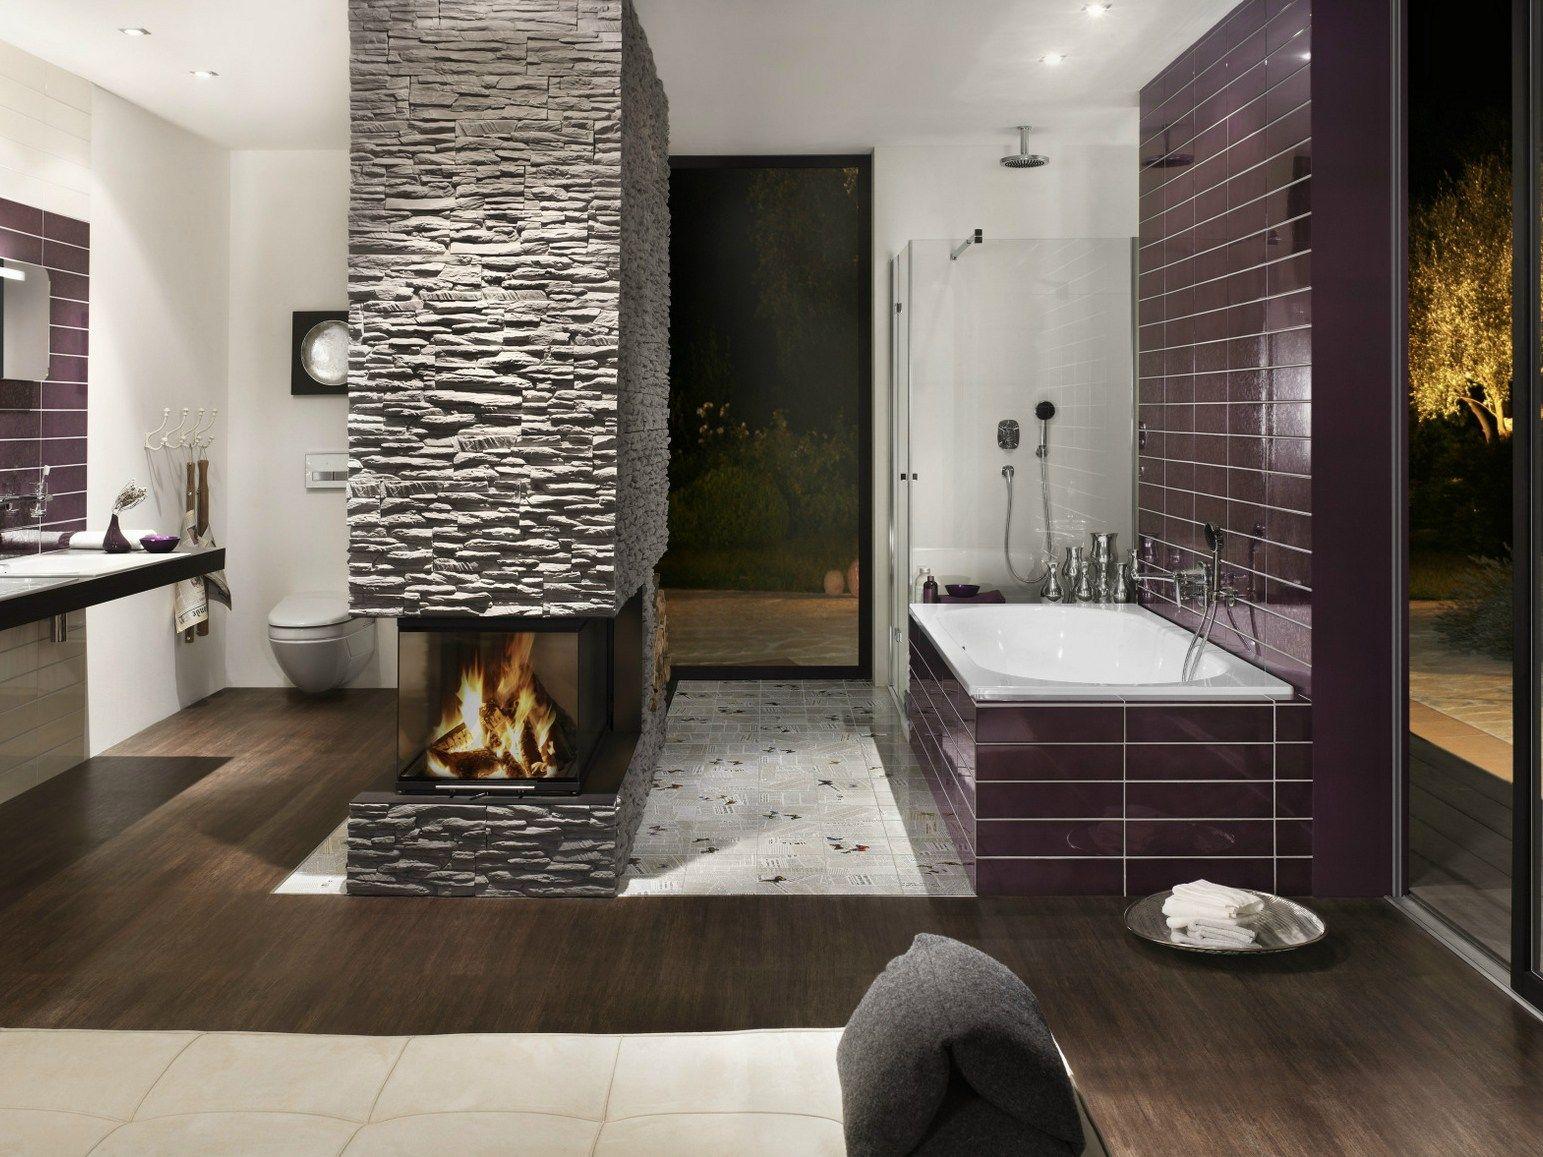 bagno con vasca moderno | sweetwaterrescue - Bagni Moderni Con Vasca